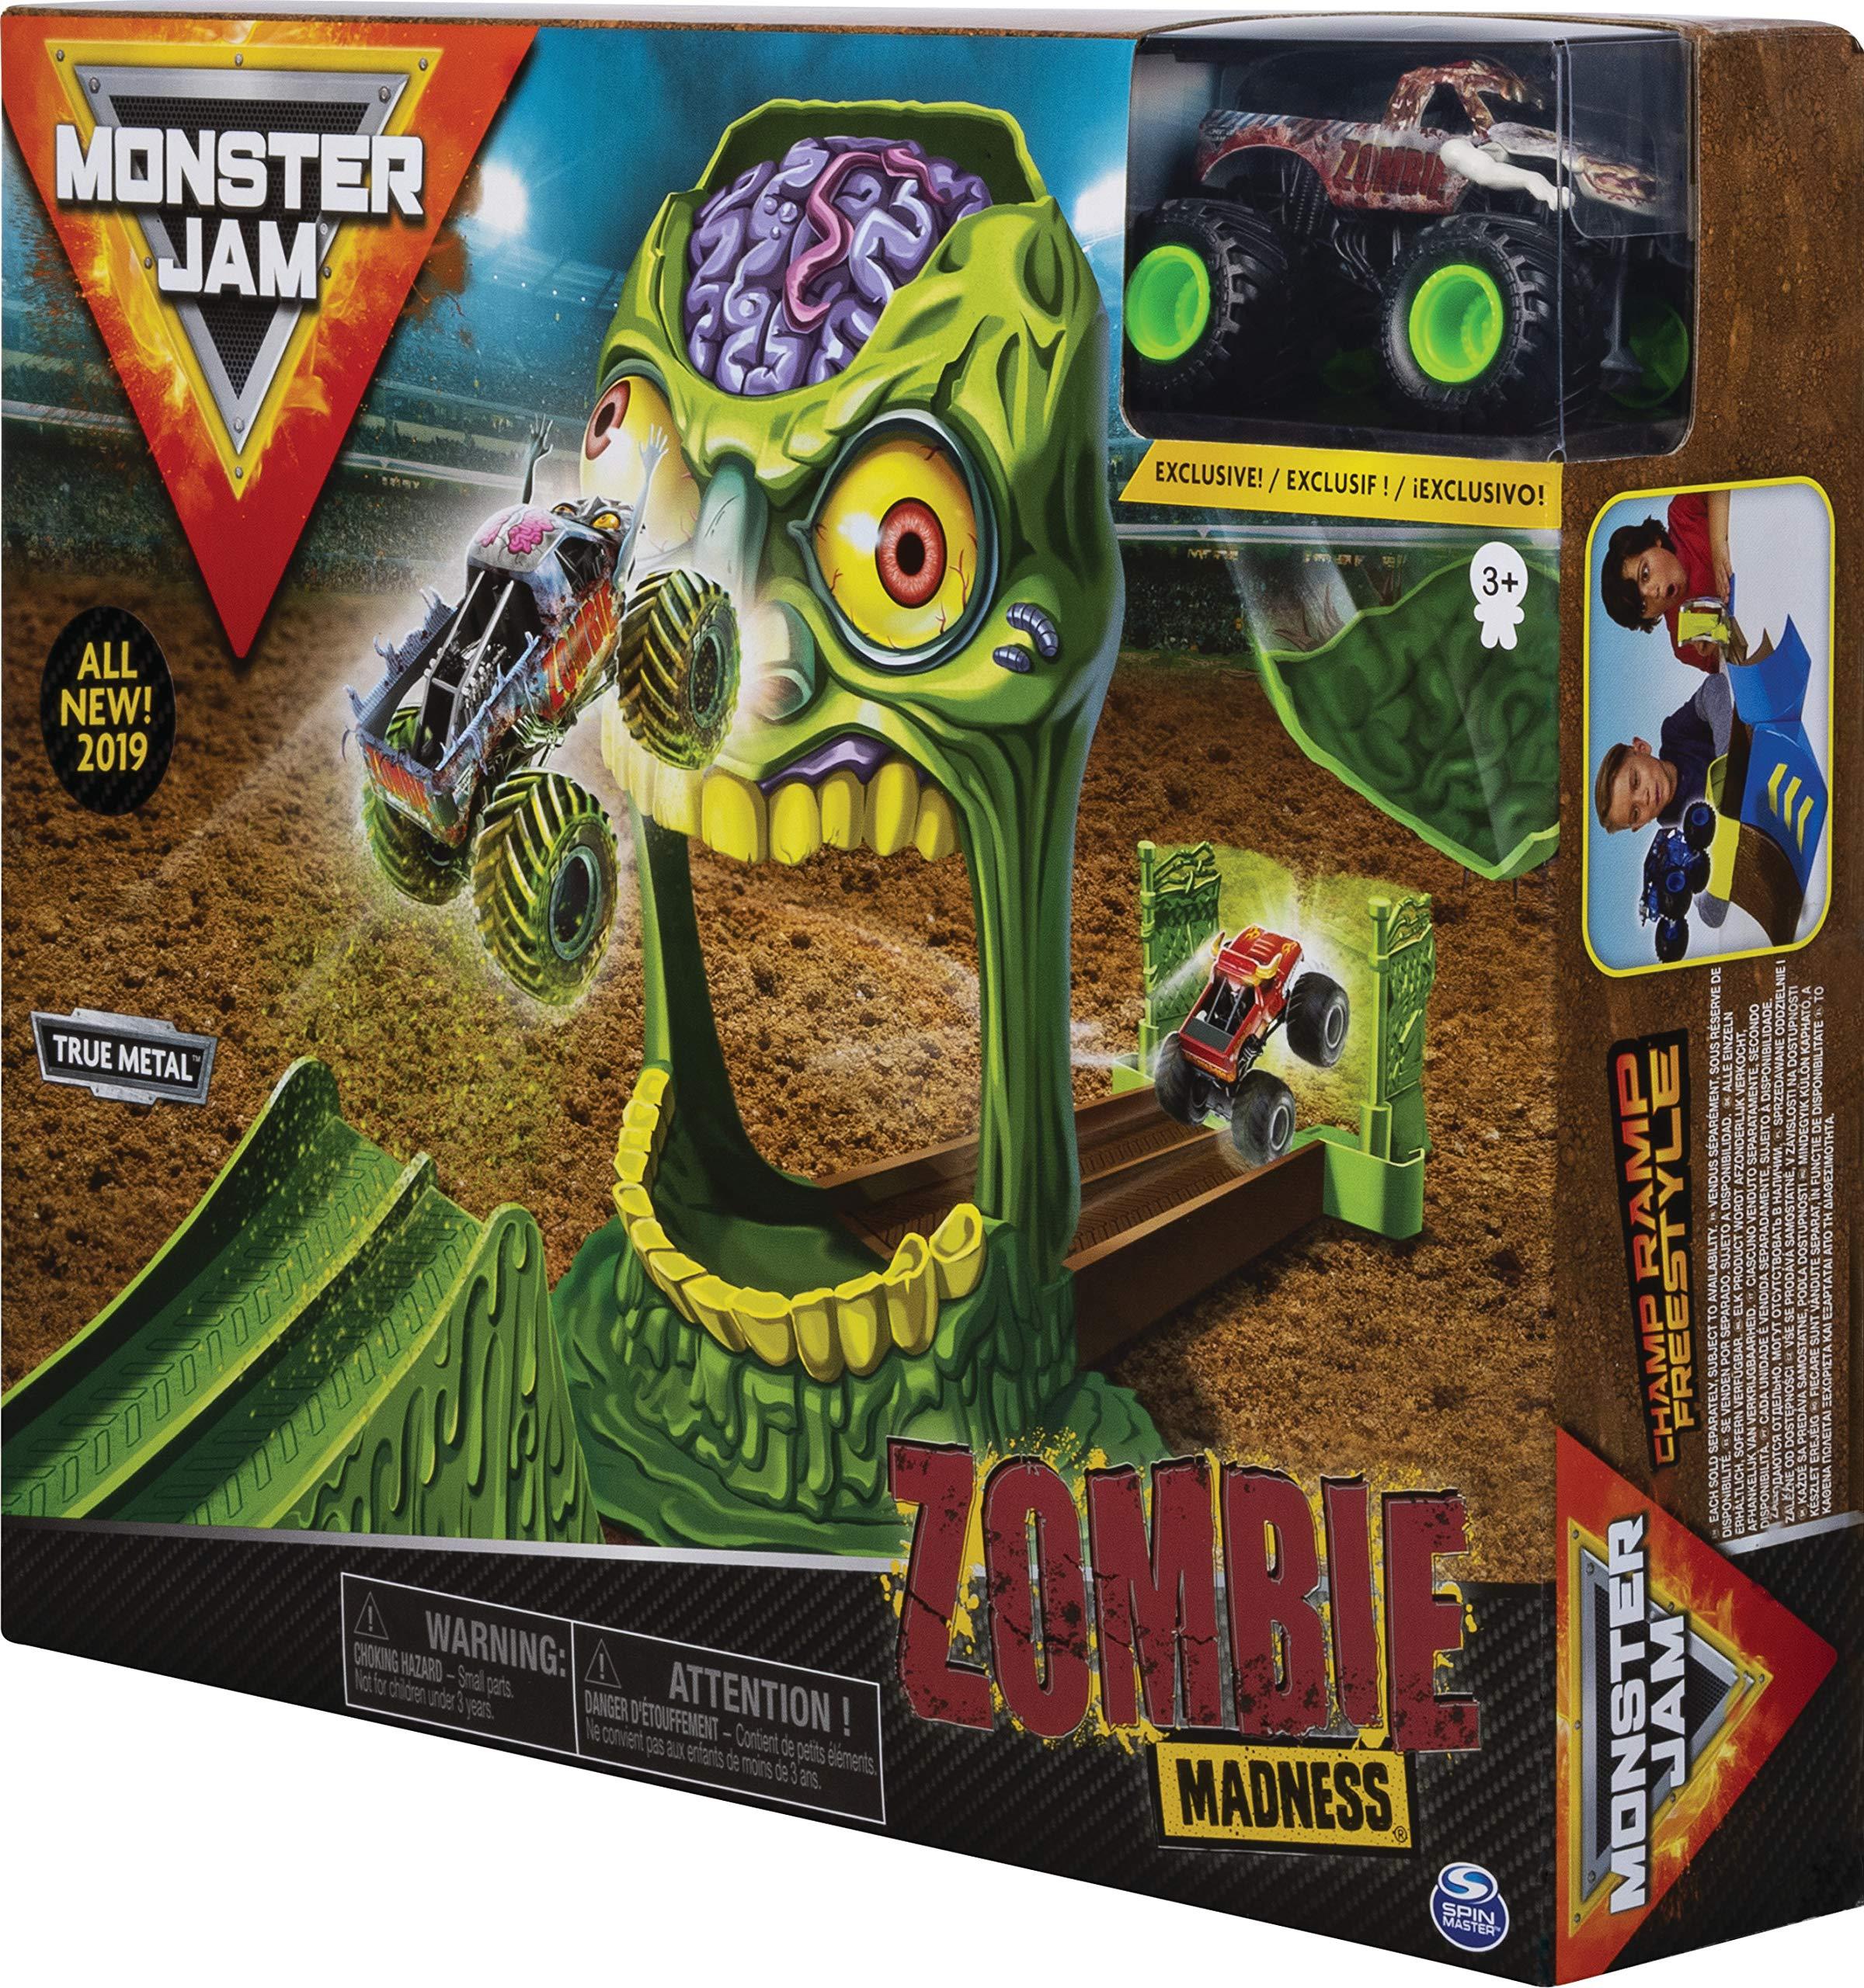 Monster Jam- Monster Jam-6053298-Original Spielset mit exklusivem Truck, Maßstab Madness-Camión Monstruo Zombi (Escala 1:64), Multicolor (Spin Master 20103383-6053298) , color/modelo surtido: Amazon.es: Juguetes y juegos